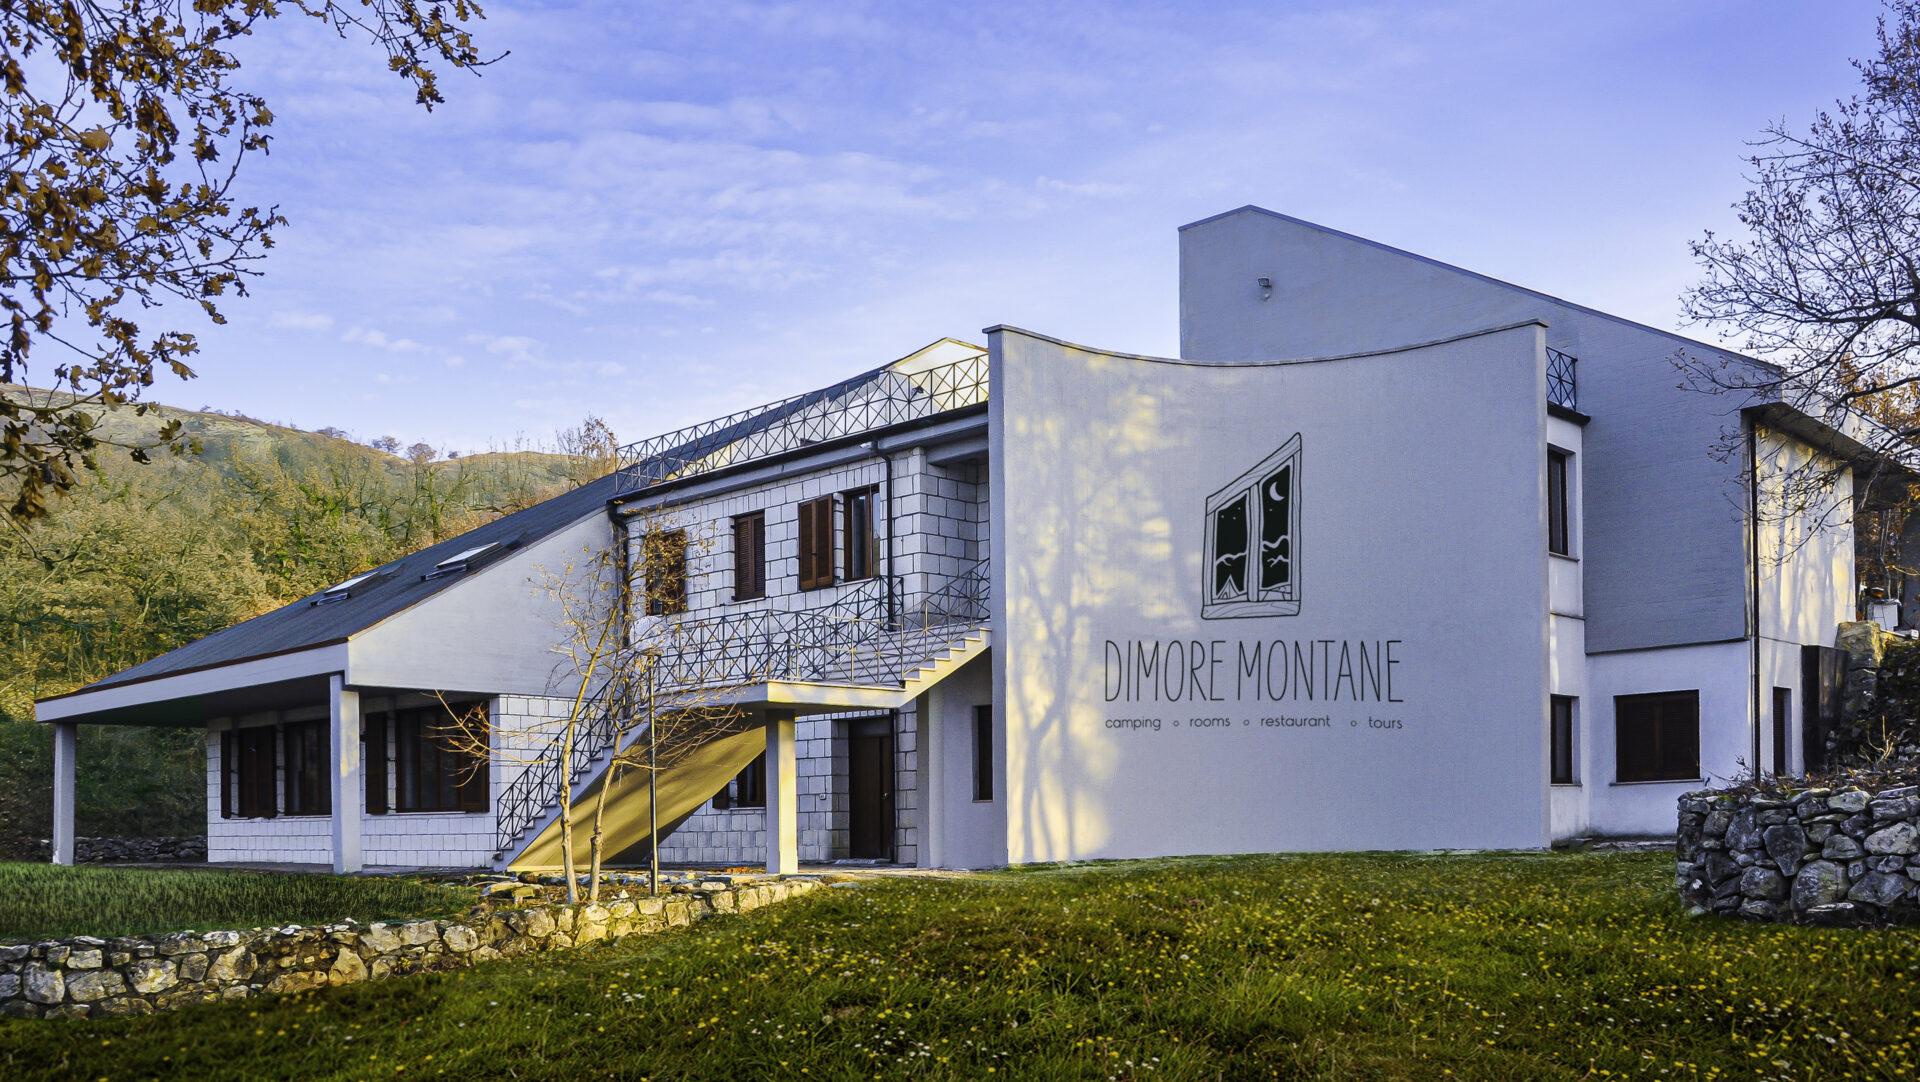 Ecolodge Dimore Montane, vista esterna laterale